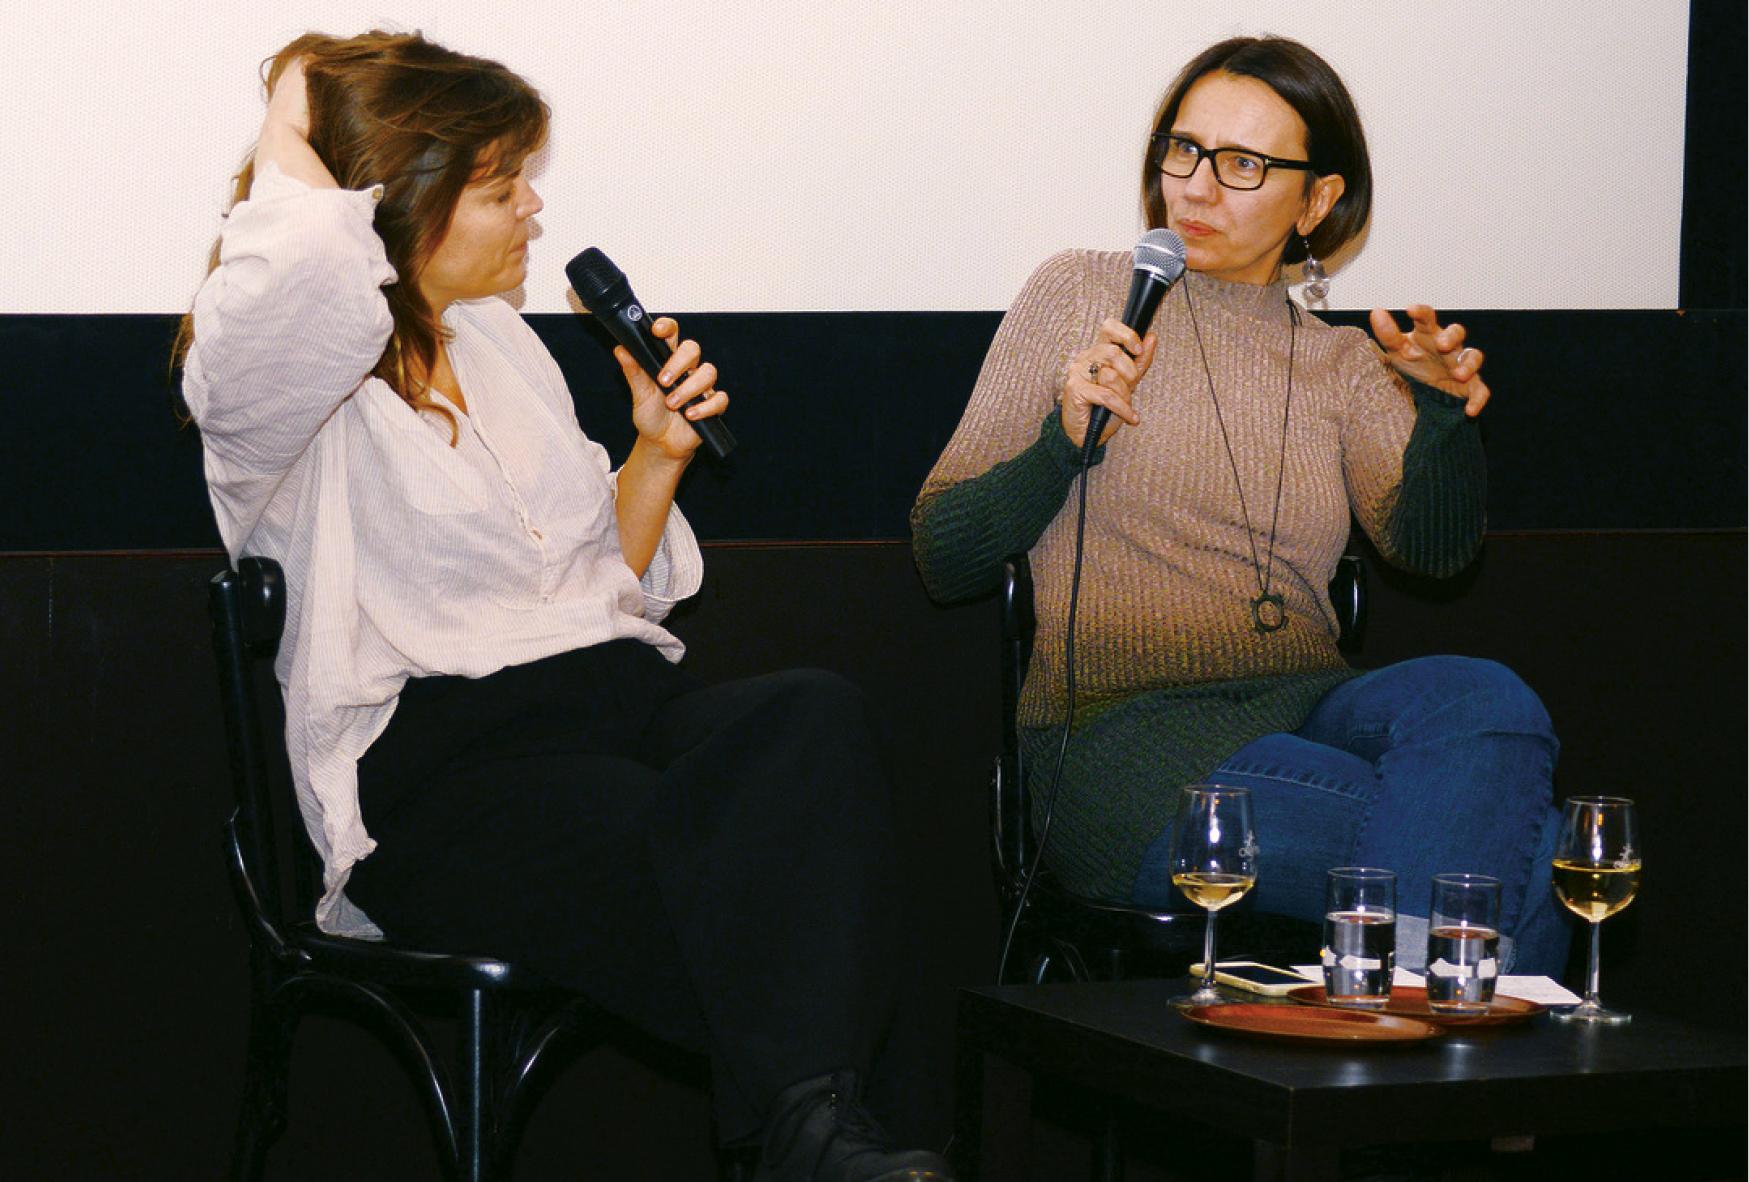 Drehbuchautorinnen Sandra Bohle und Kathrin Resetarits bei einem Podiumsgespräch zum Drehbuch von Licht. (c) Drehbuchforum